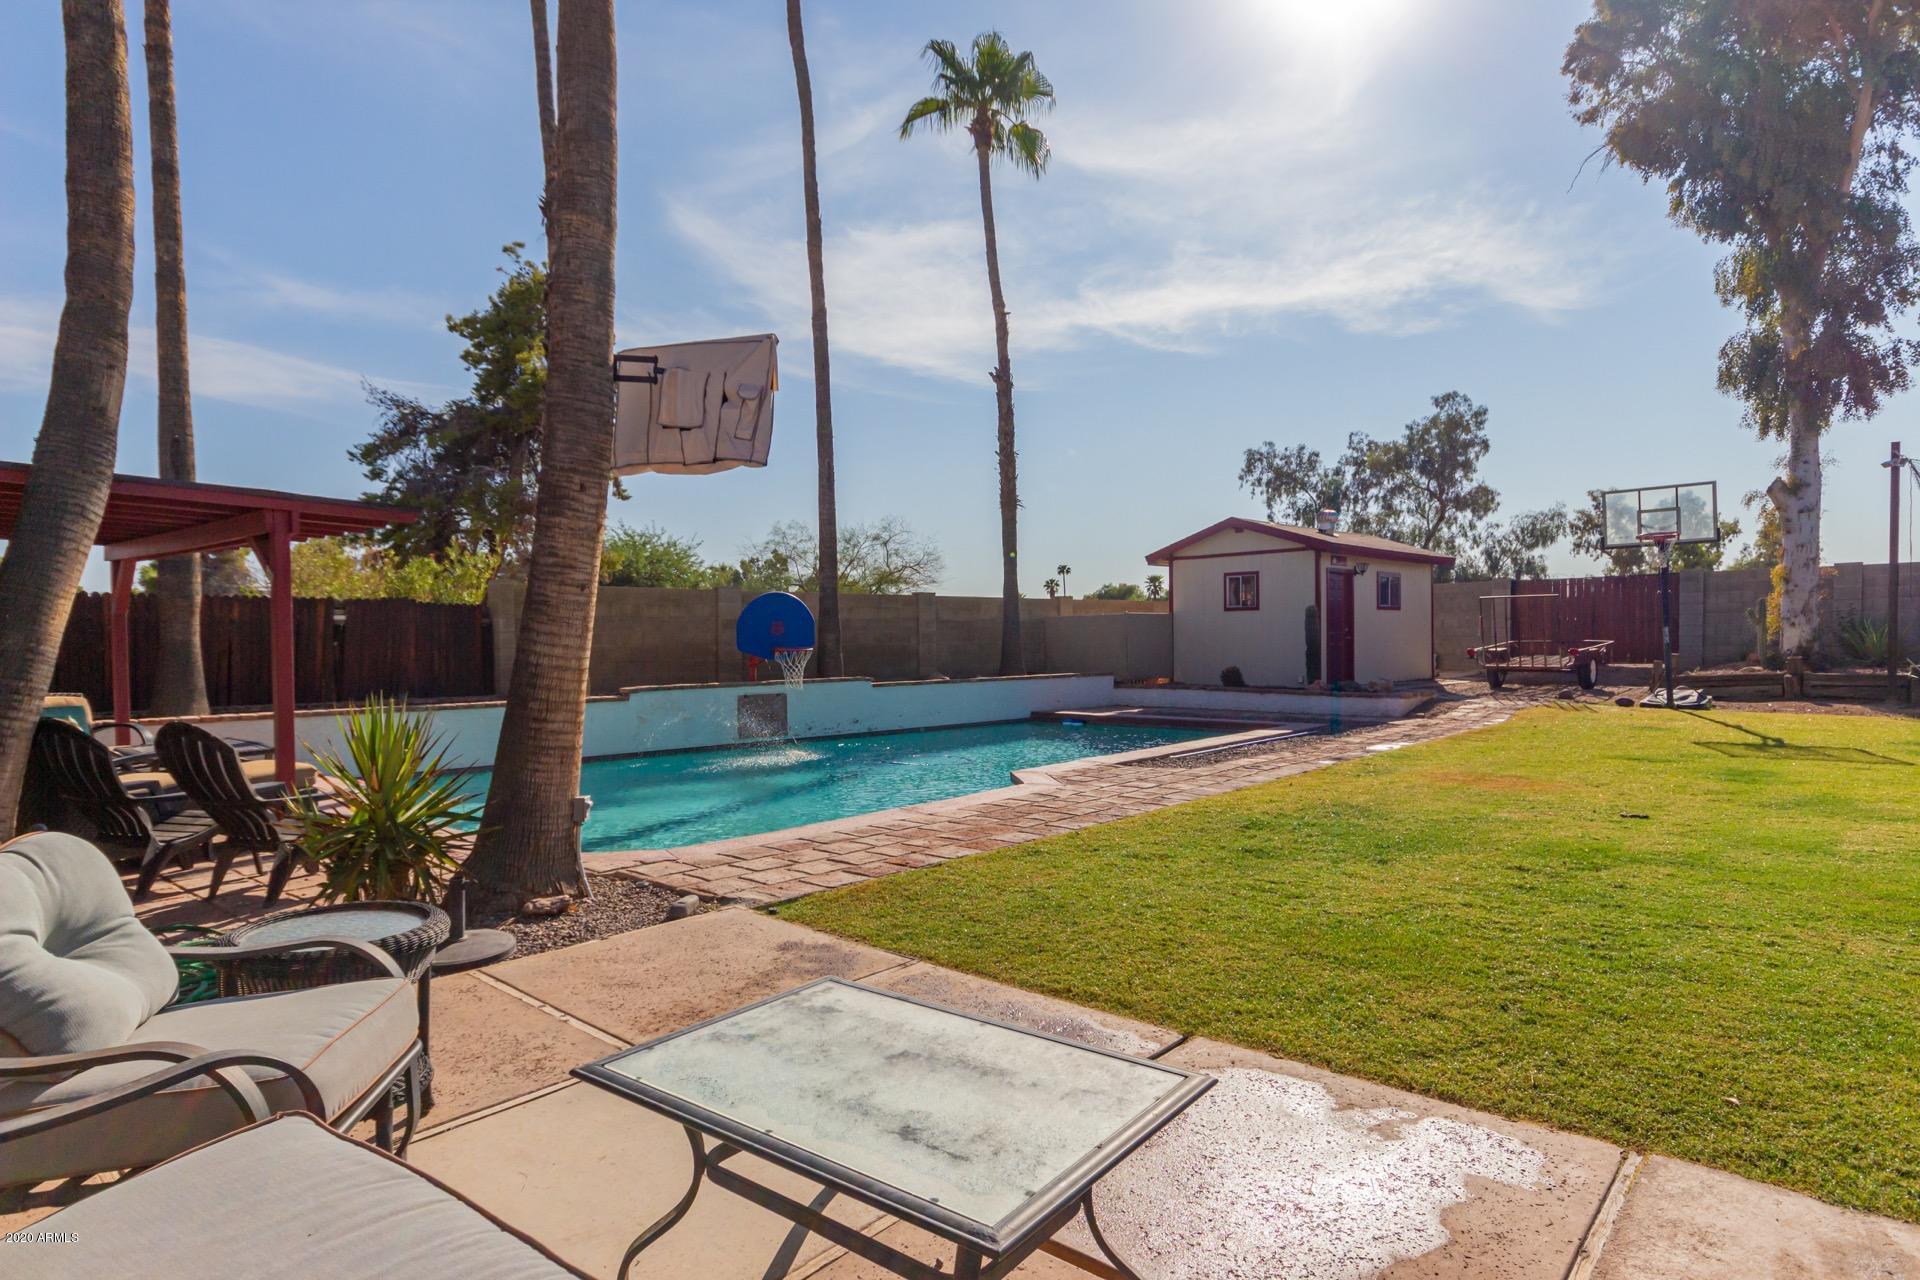 MLS 6139406 2104 N PENNINGTON Drive, Chandler, AZ 85224 Chandler AZ College Park